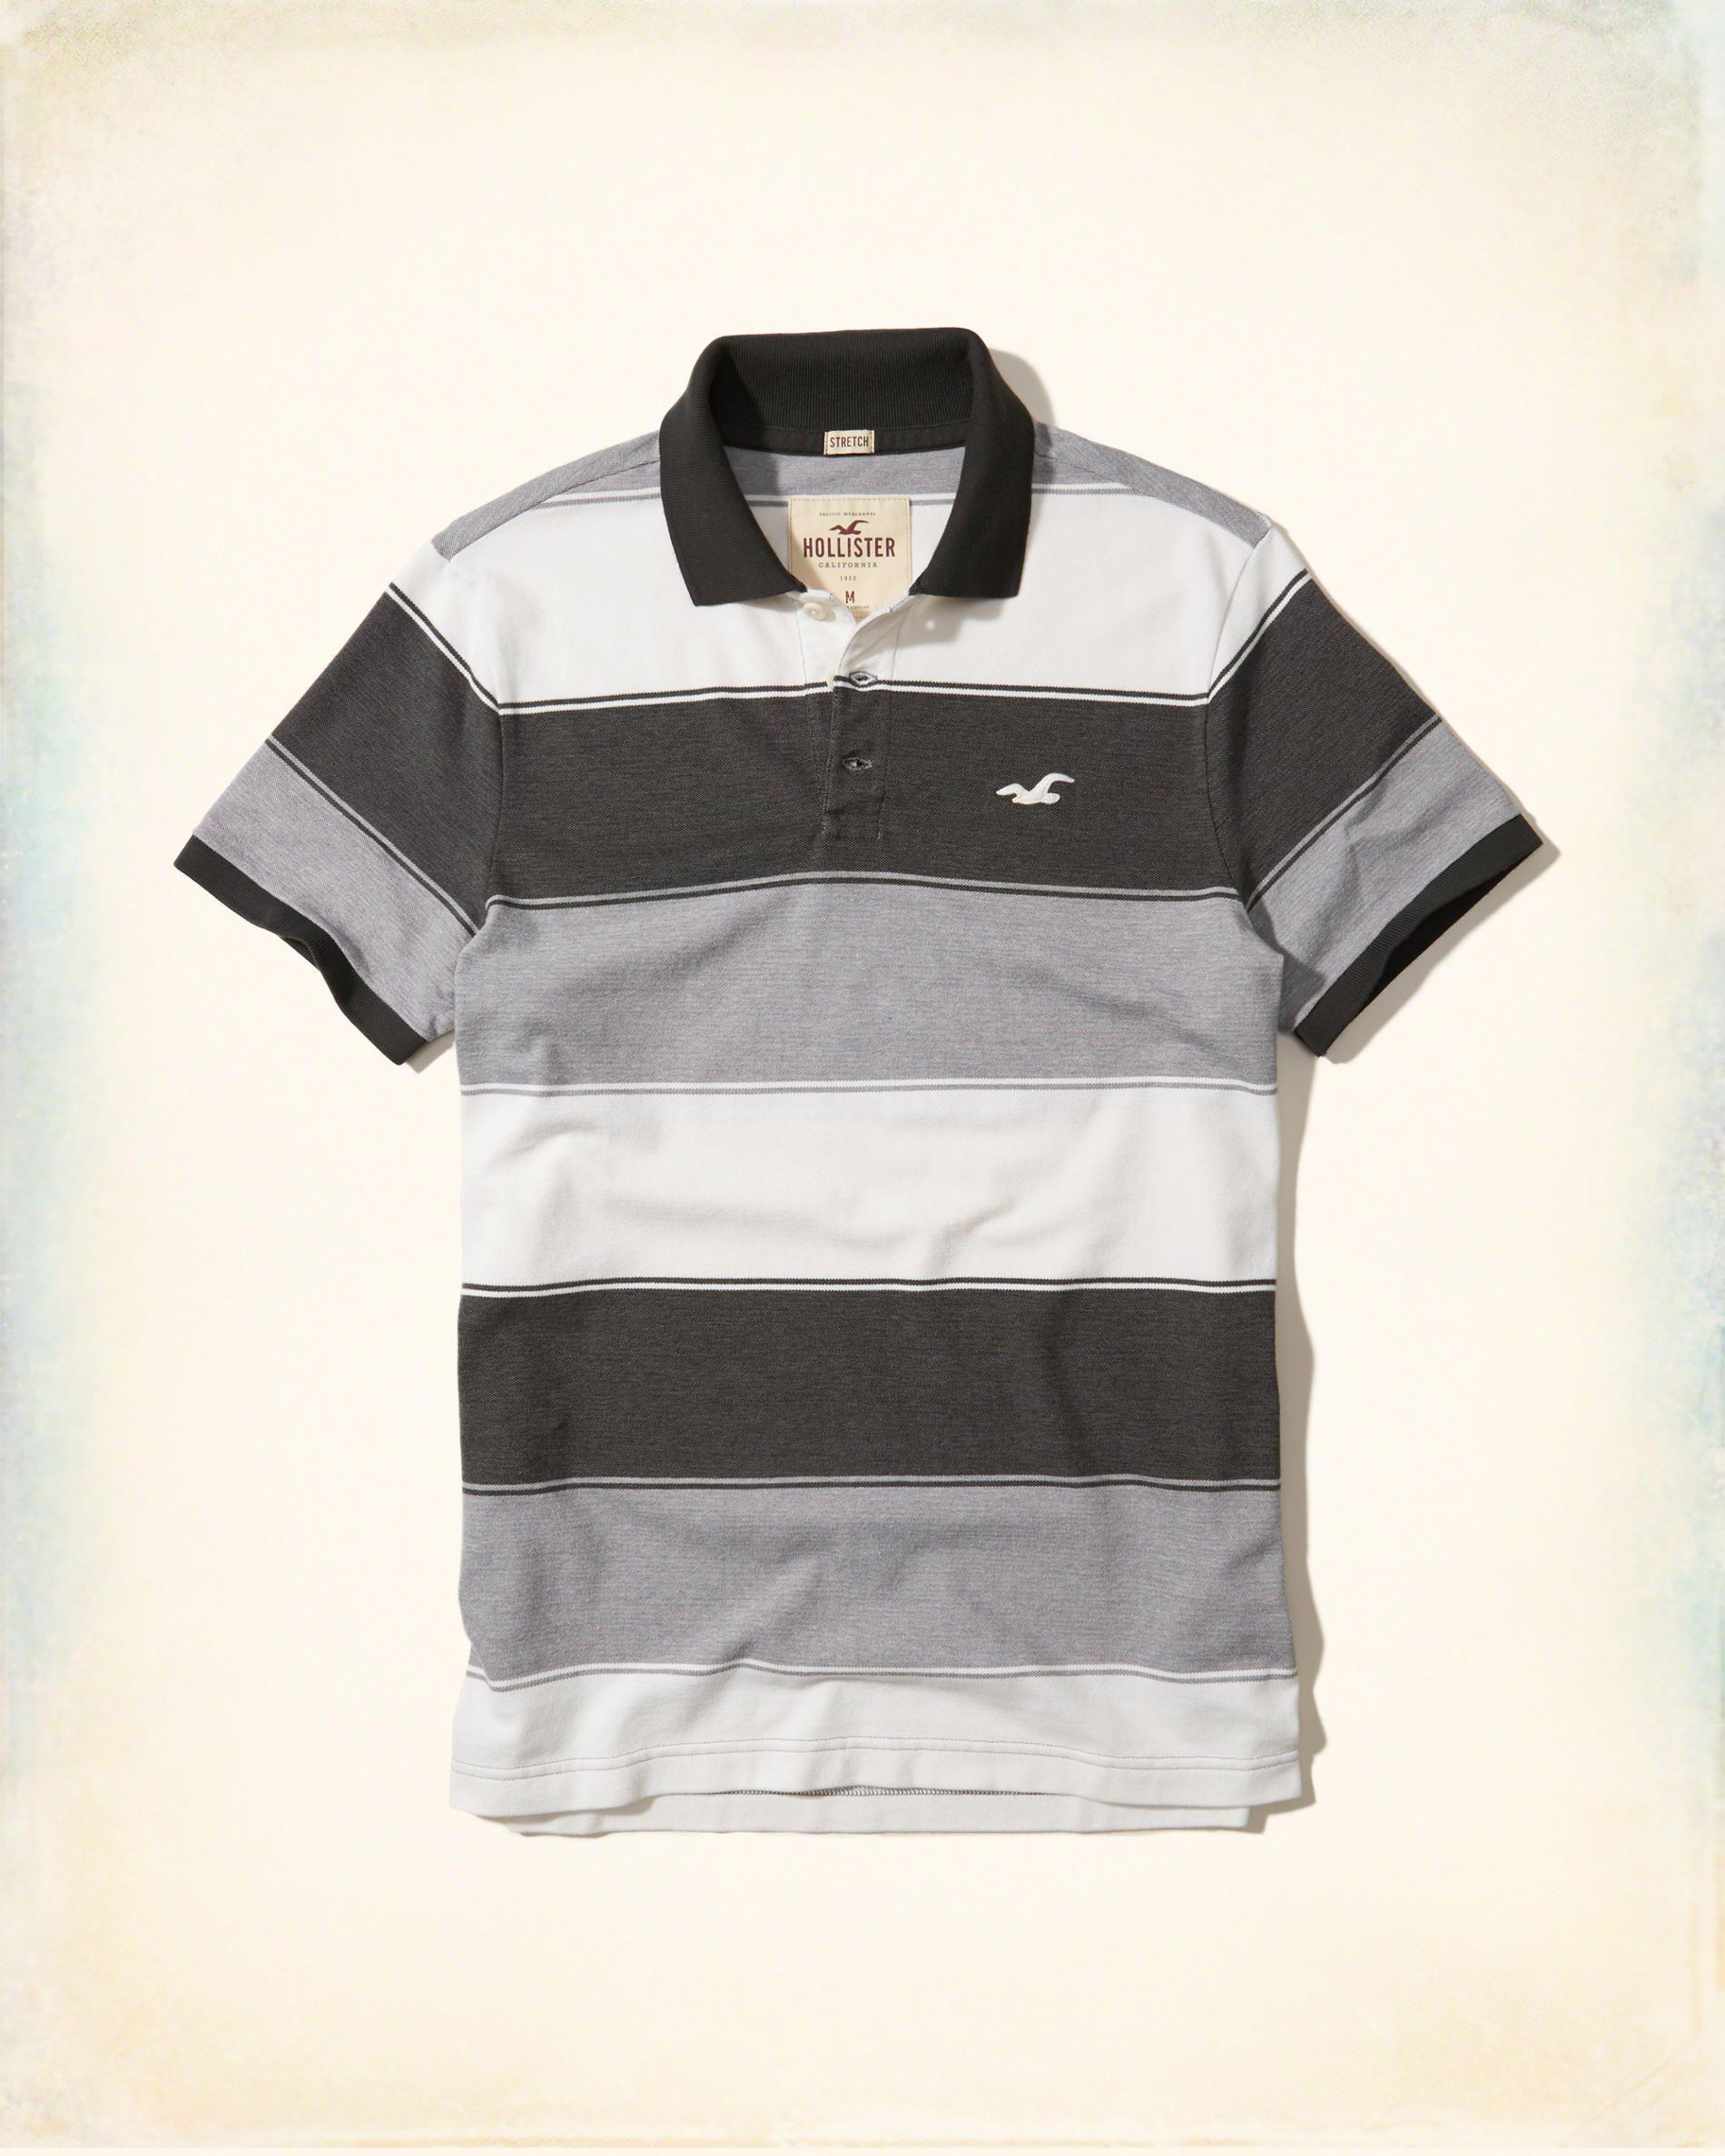 product image Mens tops, Mens polo shirts, Tops